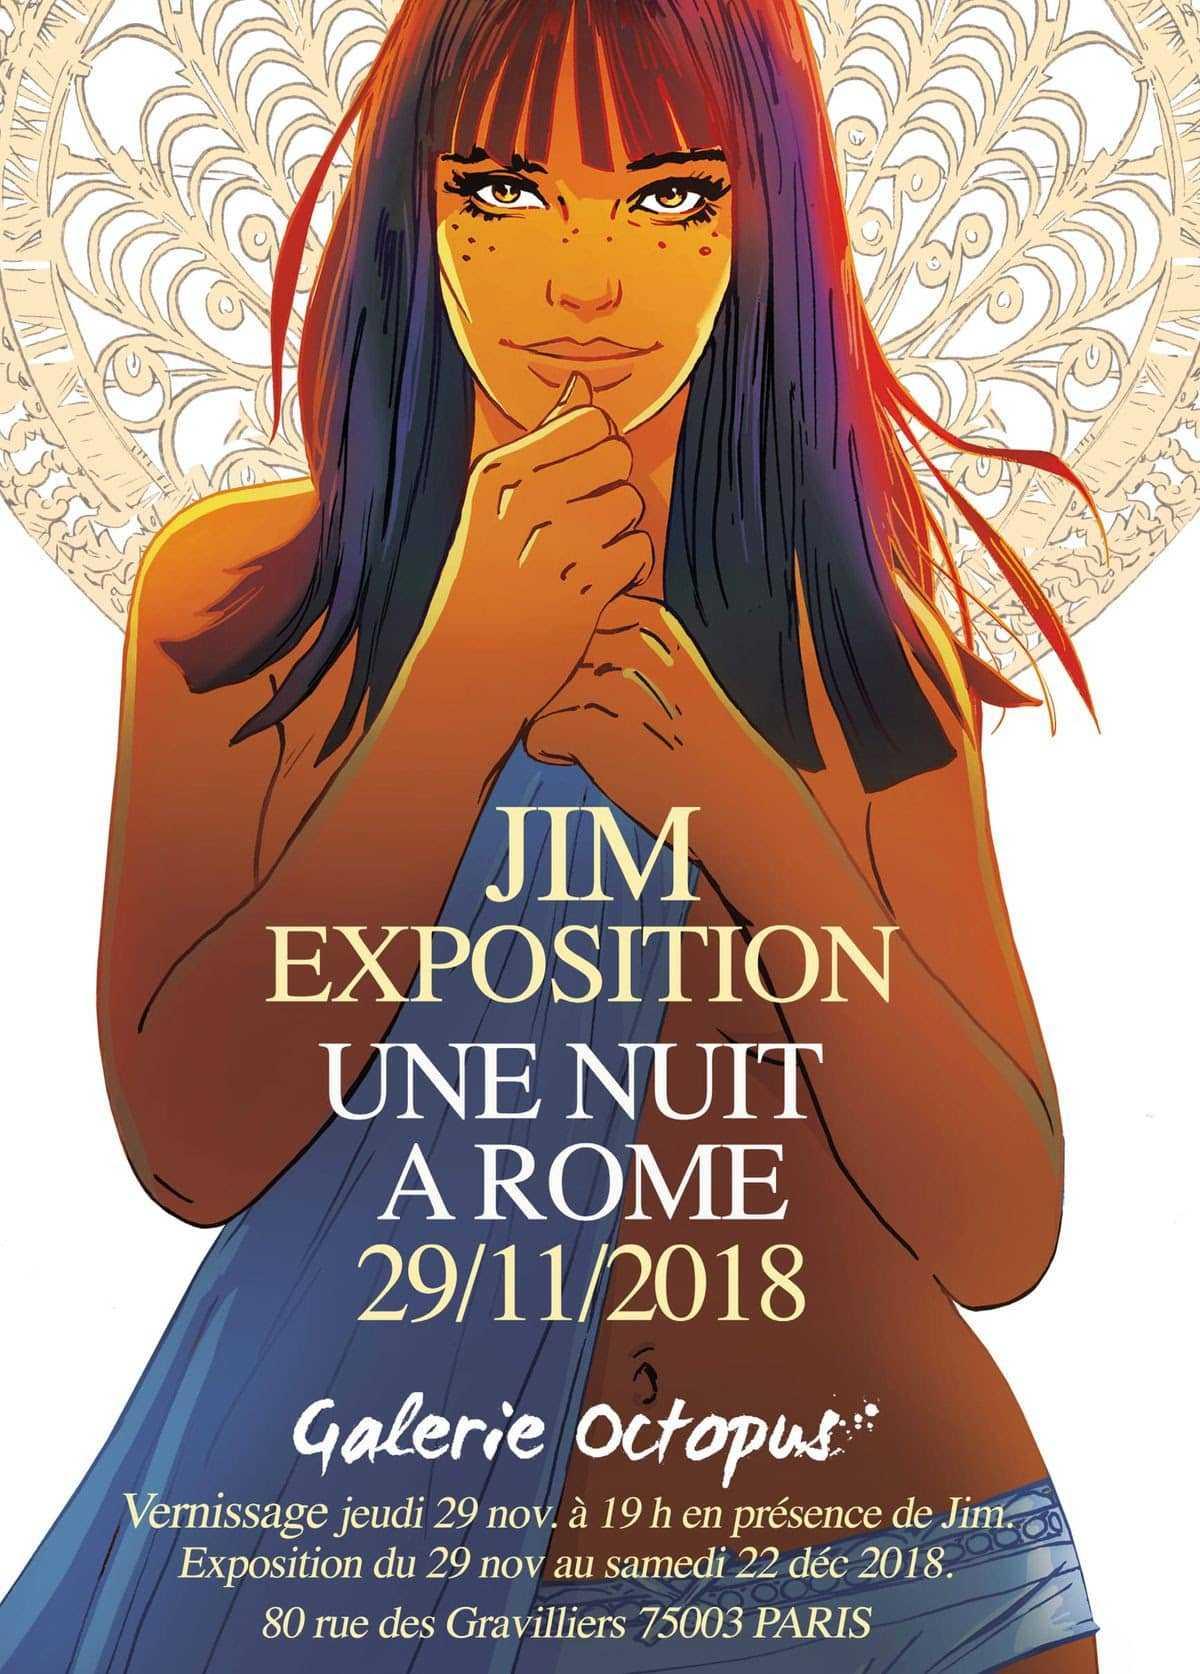 Jim, chez Octopus à Paris, expose Une nuit à Rome à partir du 29 novembre